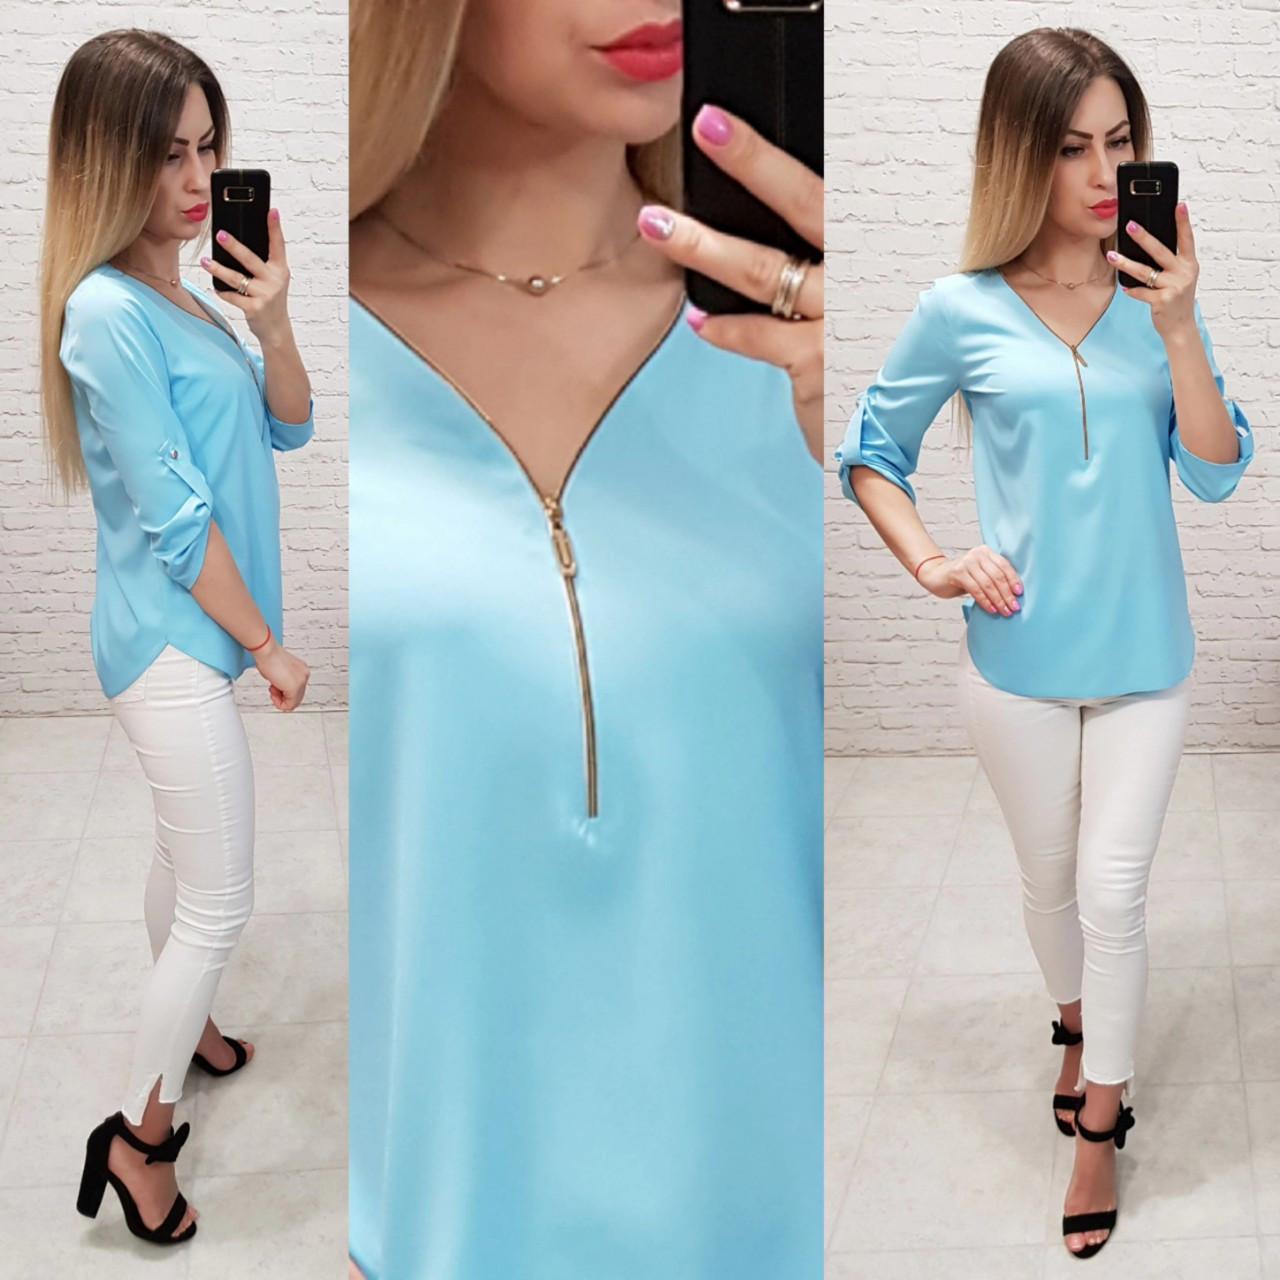 Блузка на молнии, модель158, голубой